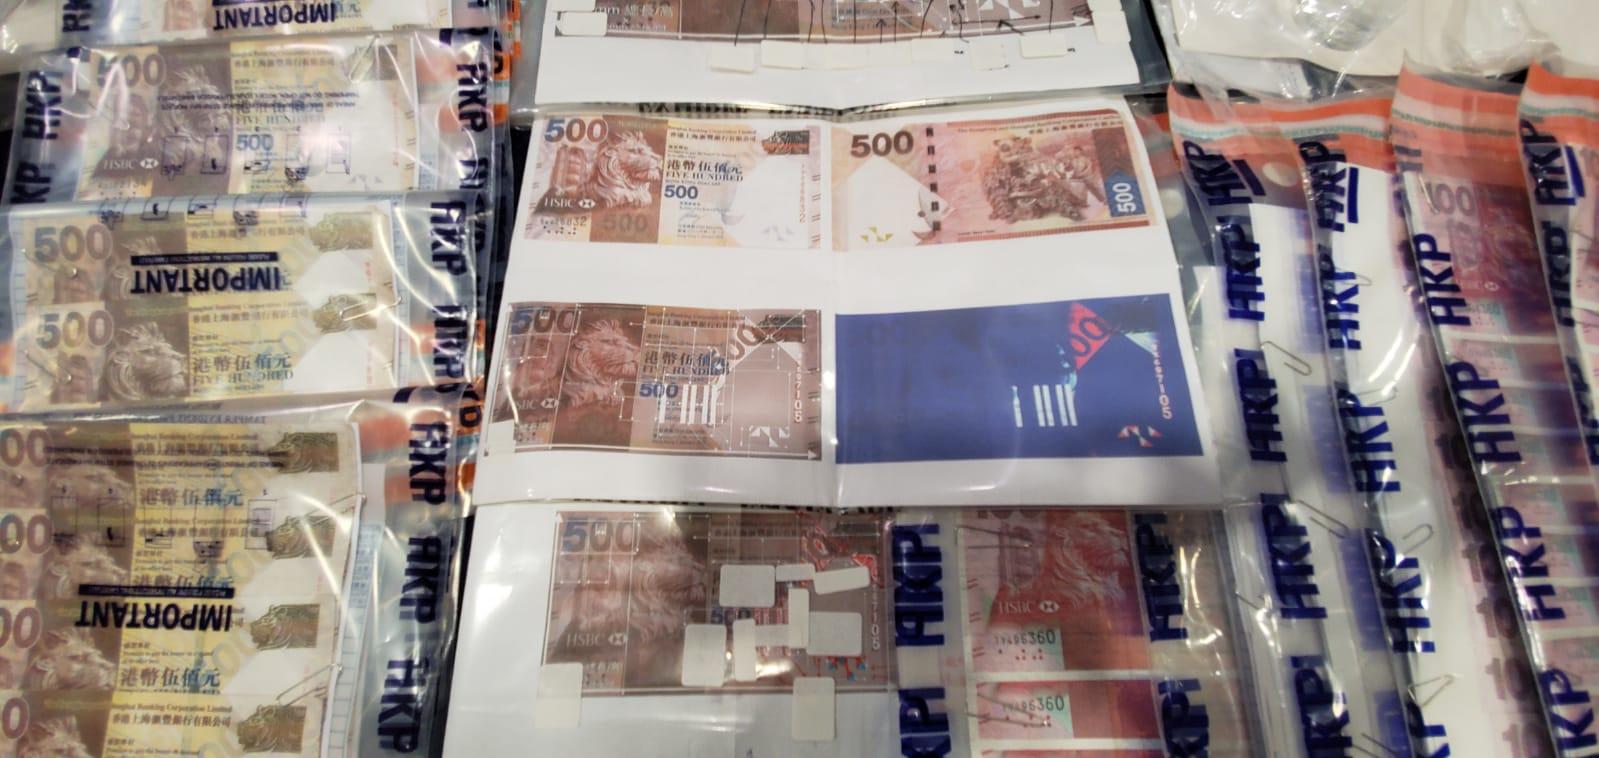 警方展示检获的假钞约值22万元。